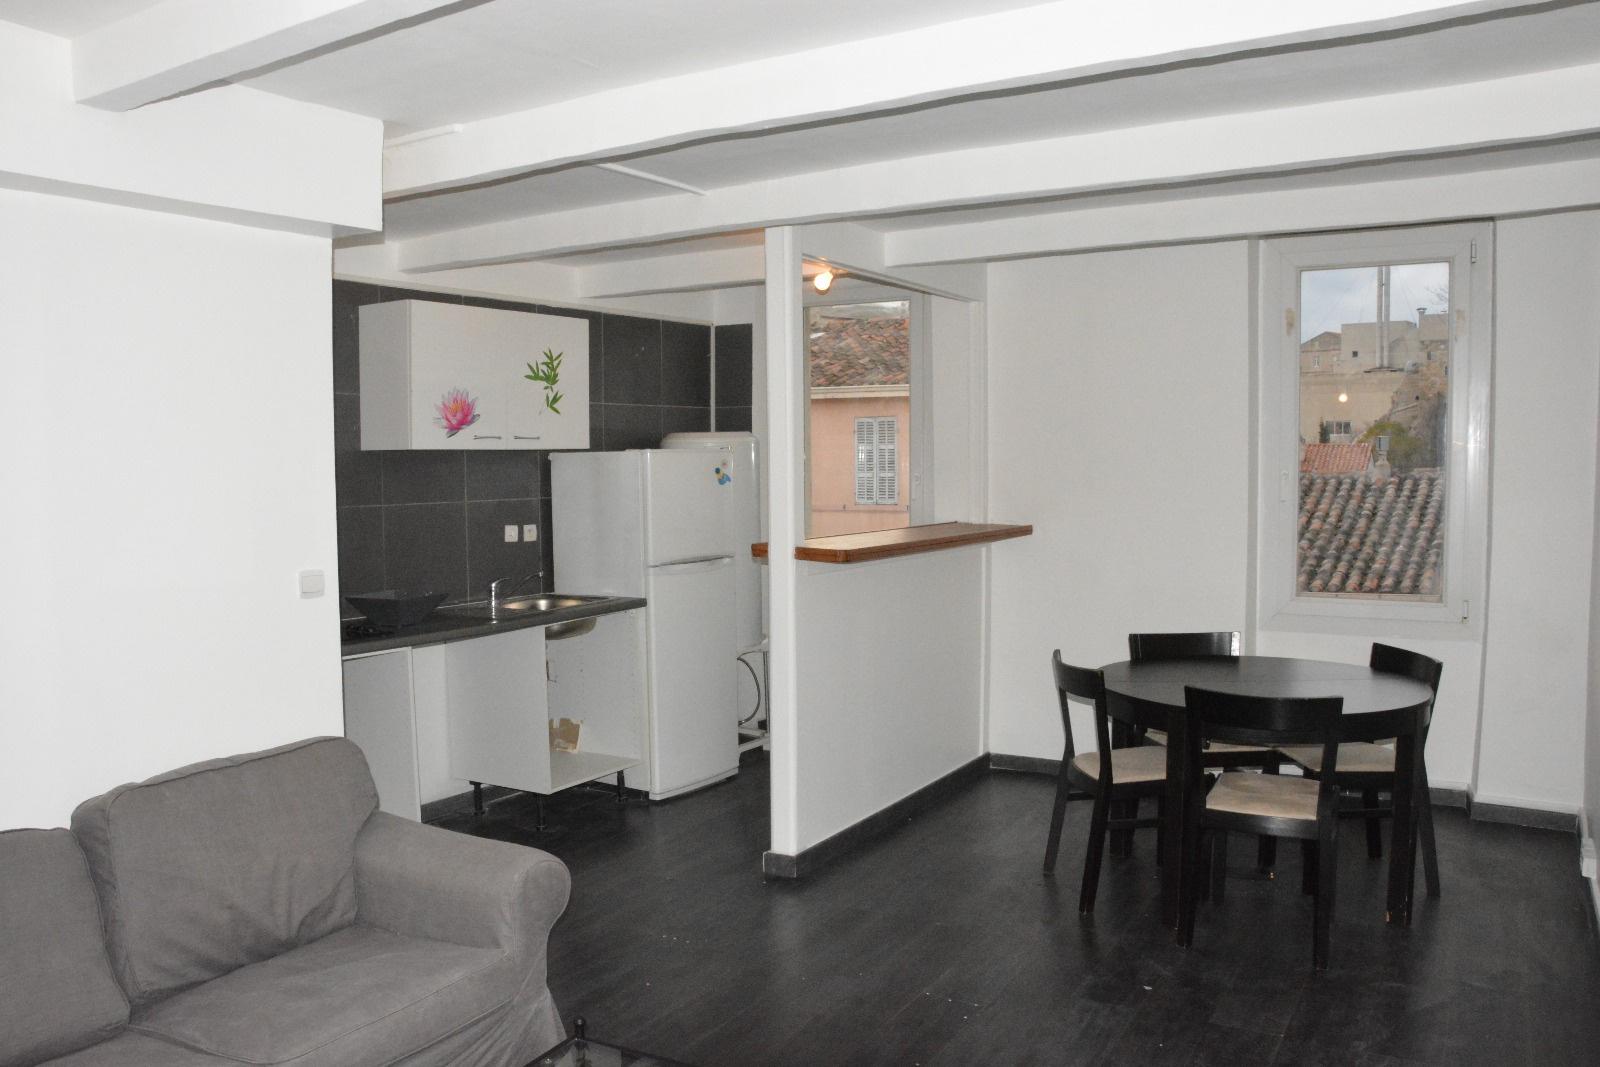 Annonce Vente Immeuble Marseille 15 135 M 319 000 992737440717